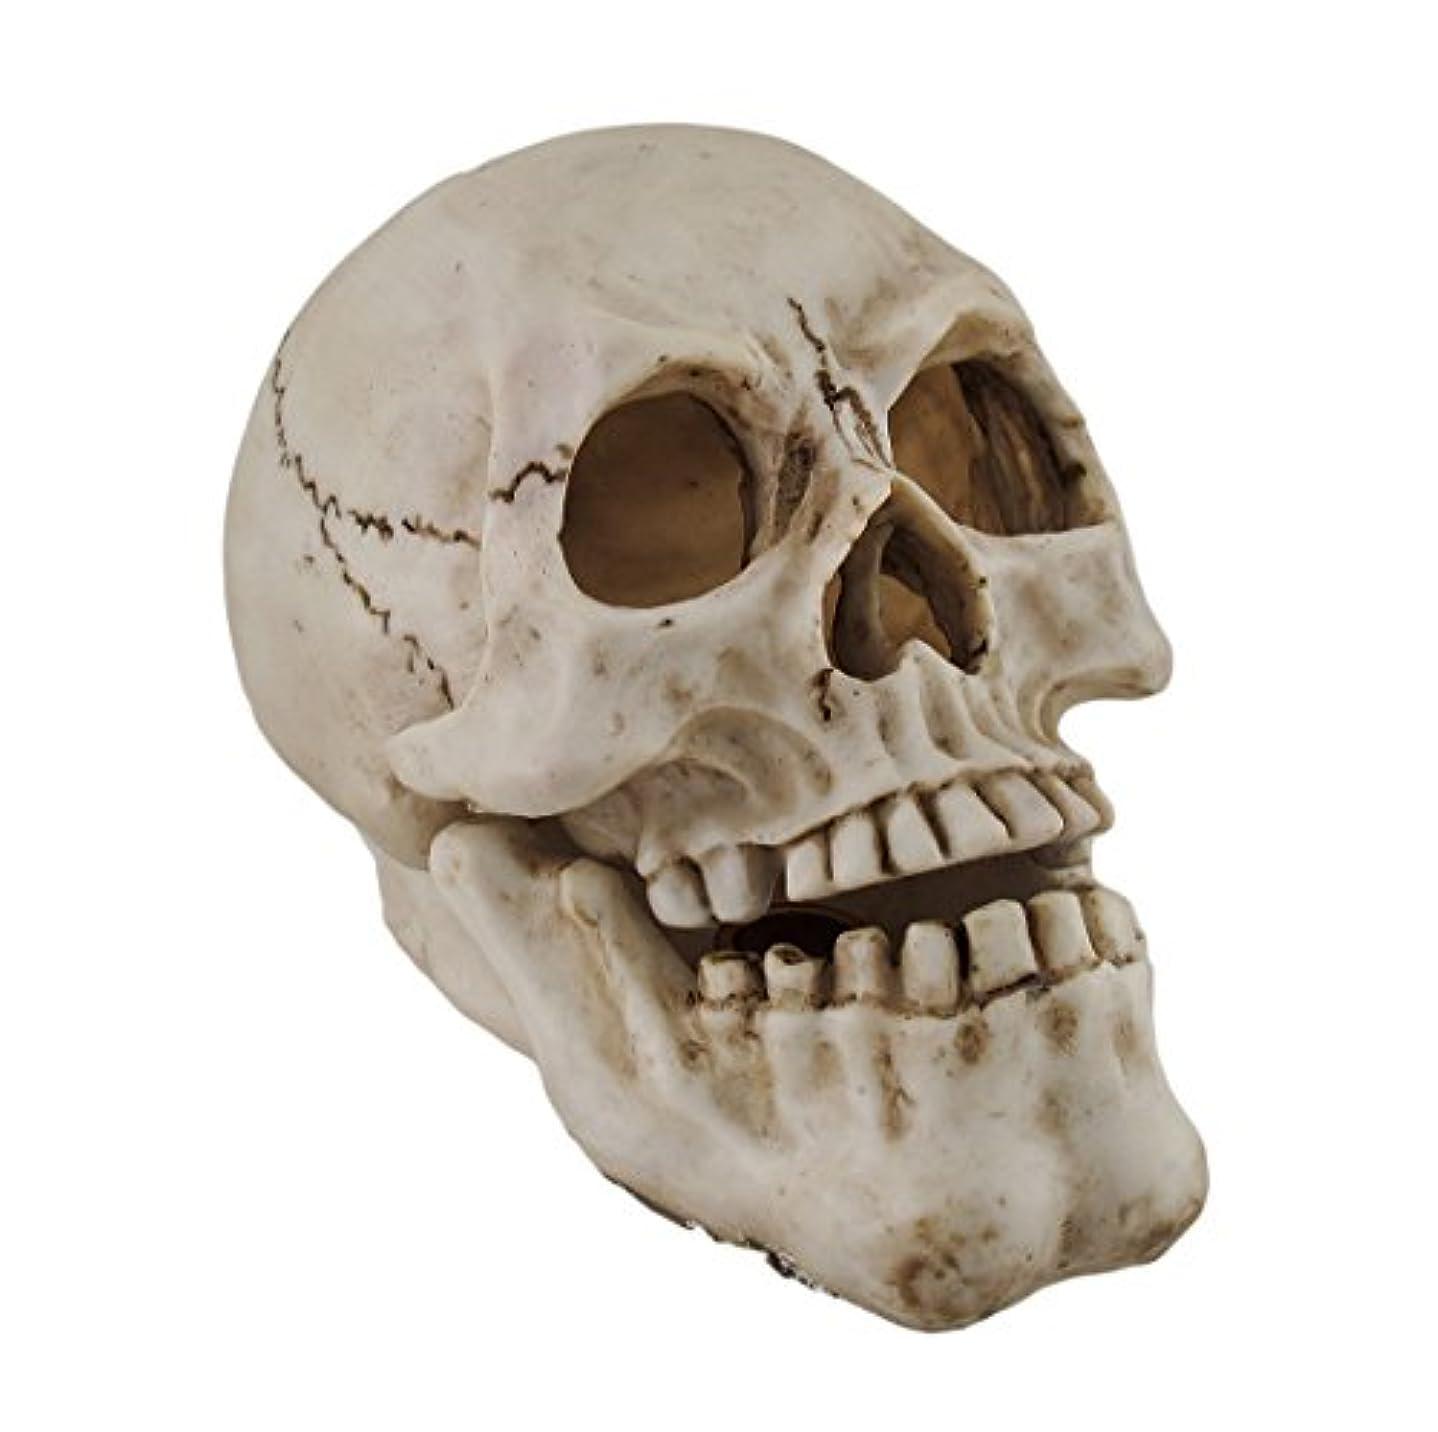 気取らない割り当てます原始的な樹脂IncenseホルダーHuman Skull Shaped Incense Burnerボックス7.75 X 5.75 X 4.5インチホワイトモデル# pwh-63